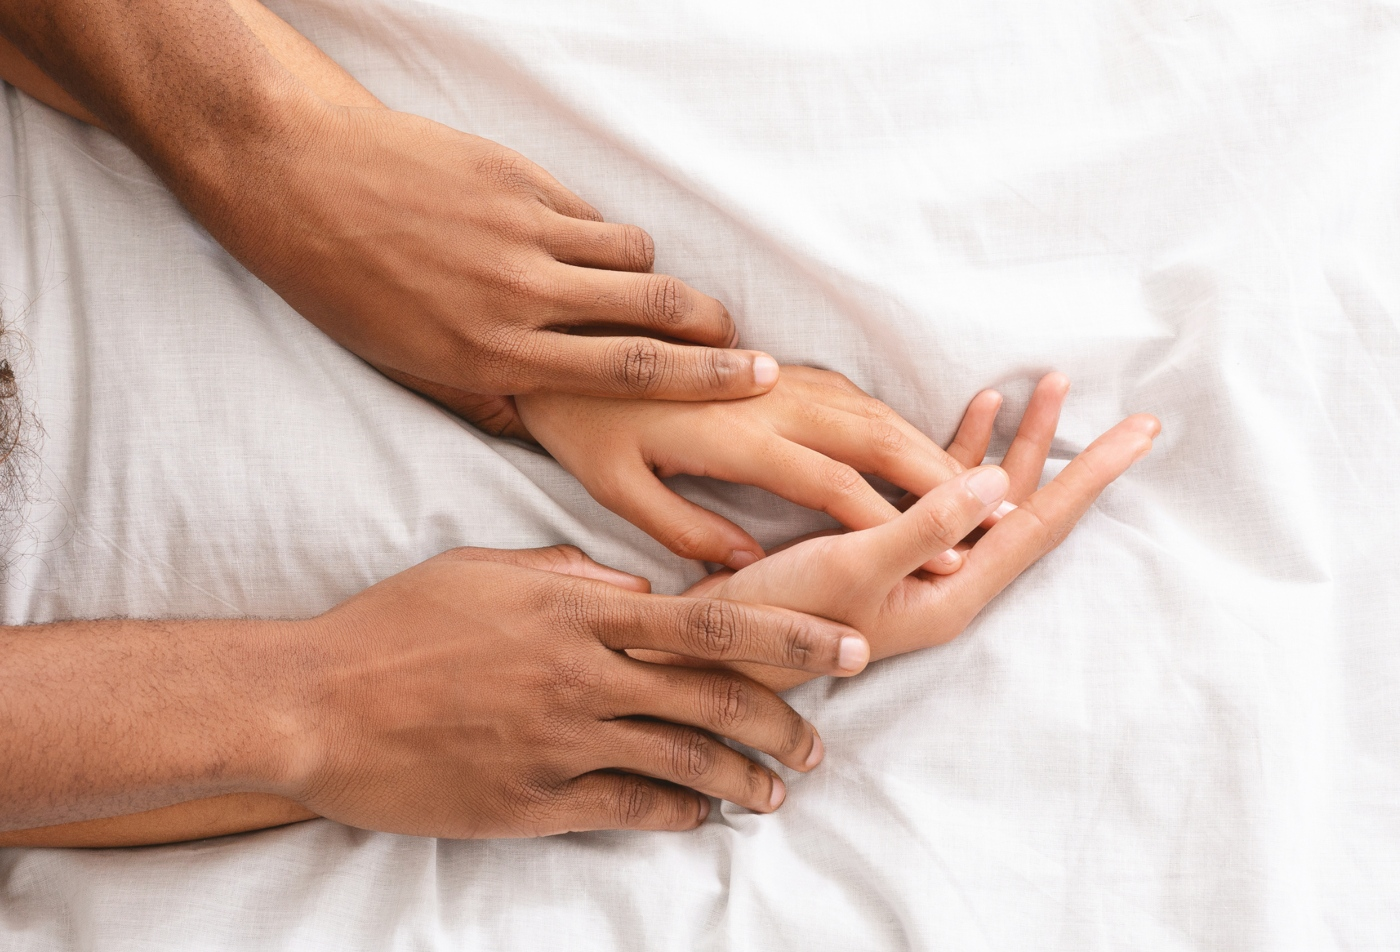 Casal a ter relações sexuais